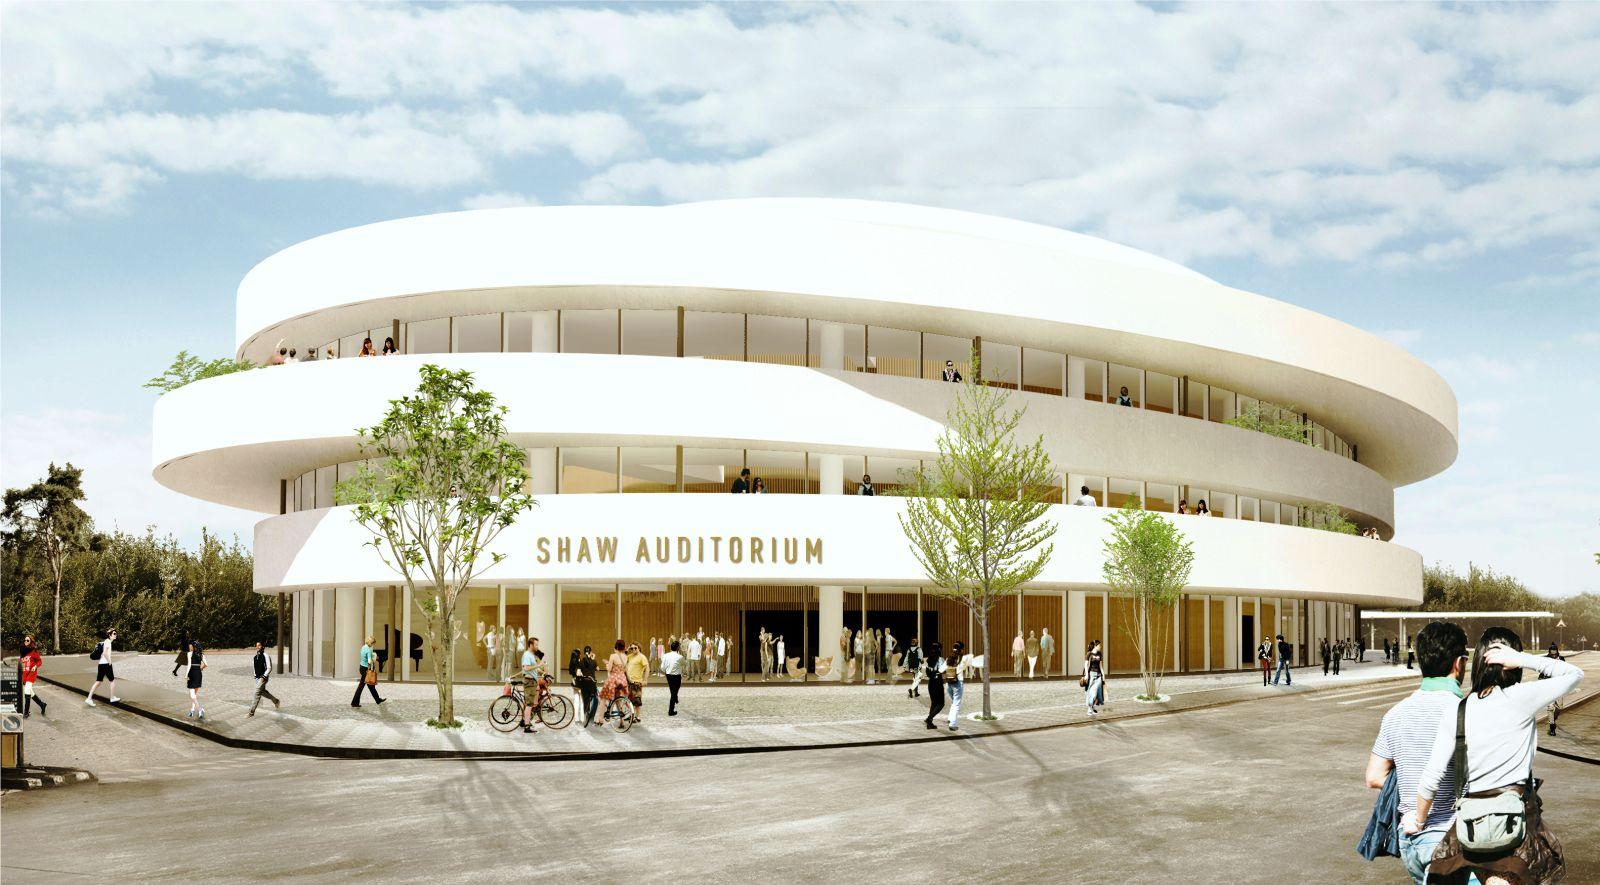 Shaw Auditorium